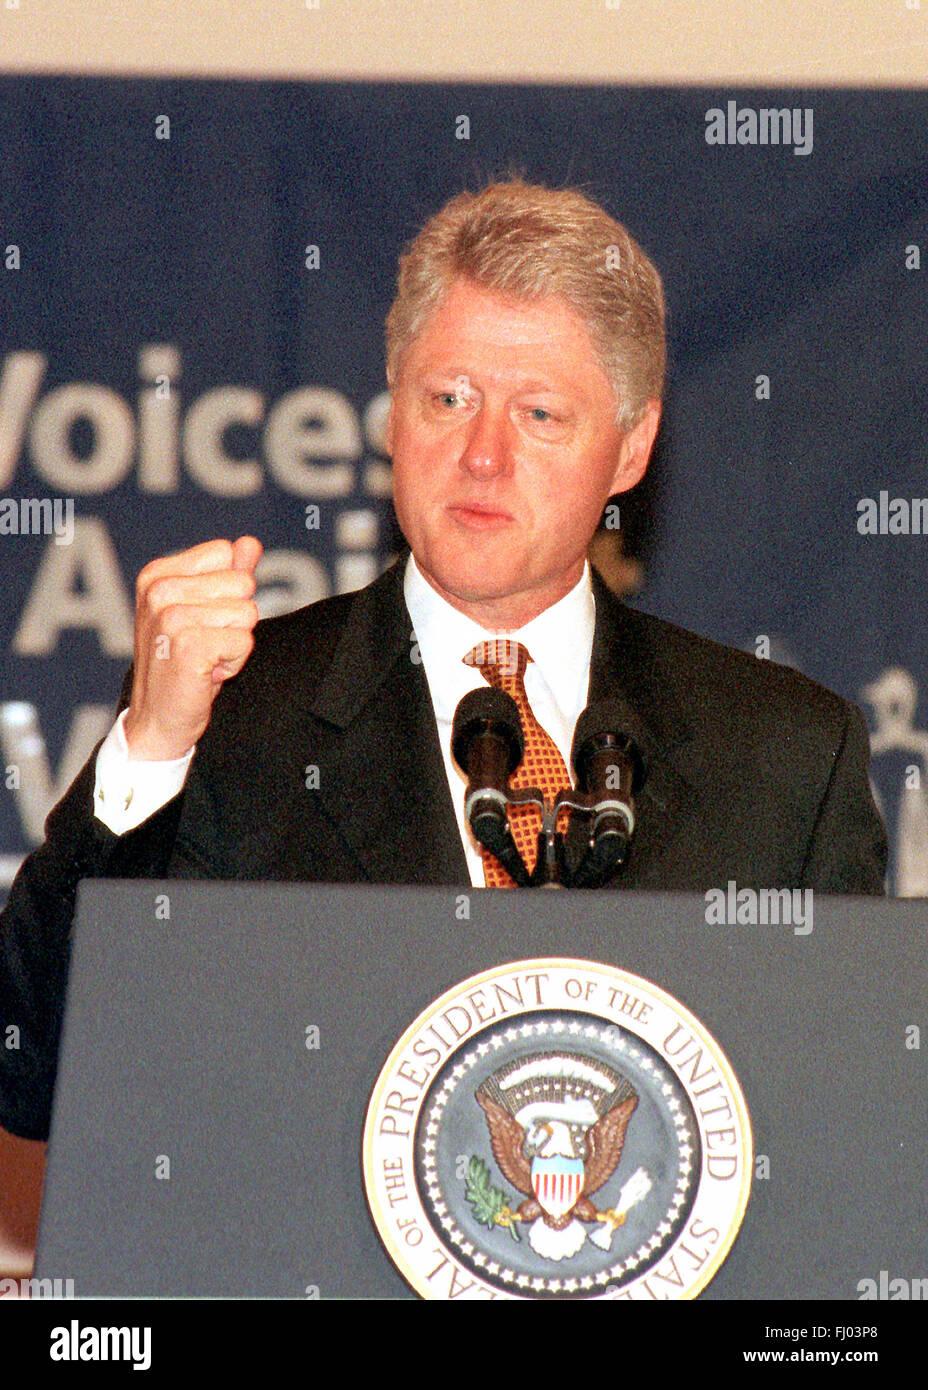 Il Presidente degli Stati Uniti Bill Clinton sottolinea un punto durante il suo discorso al 'voci contro la Immagini Stock